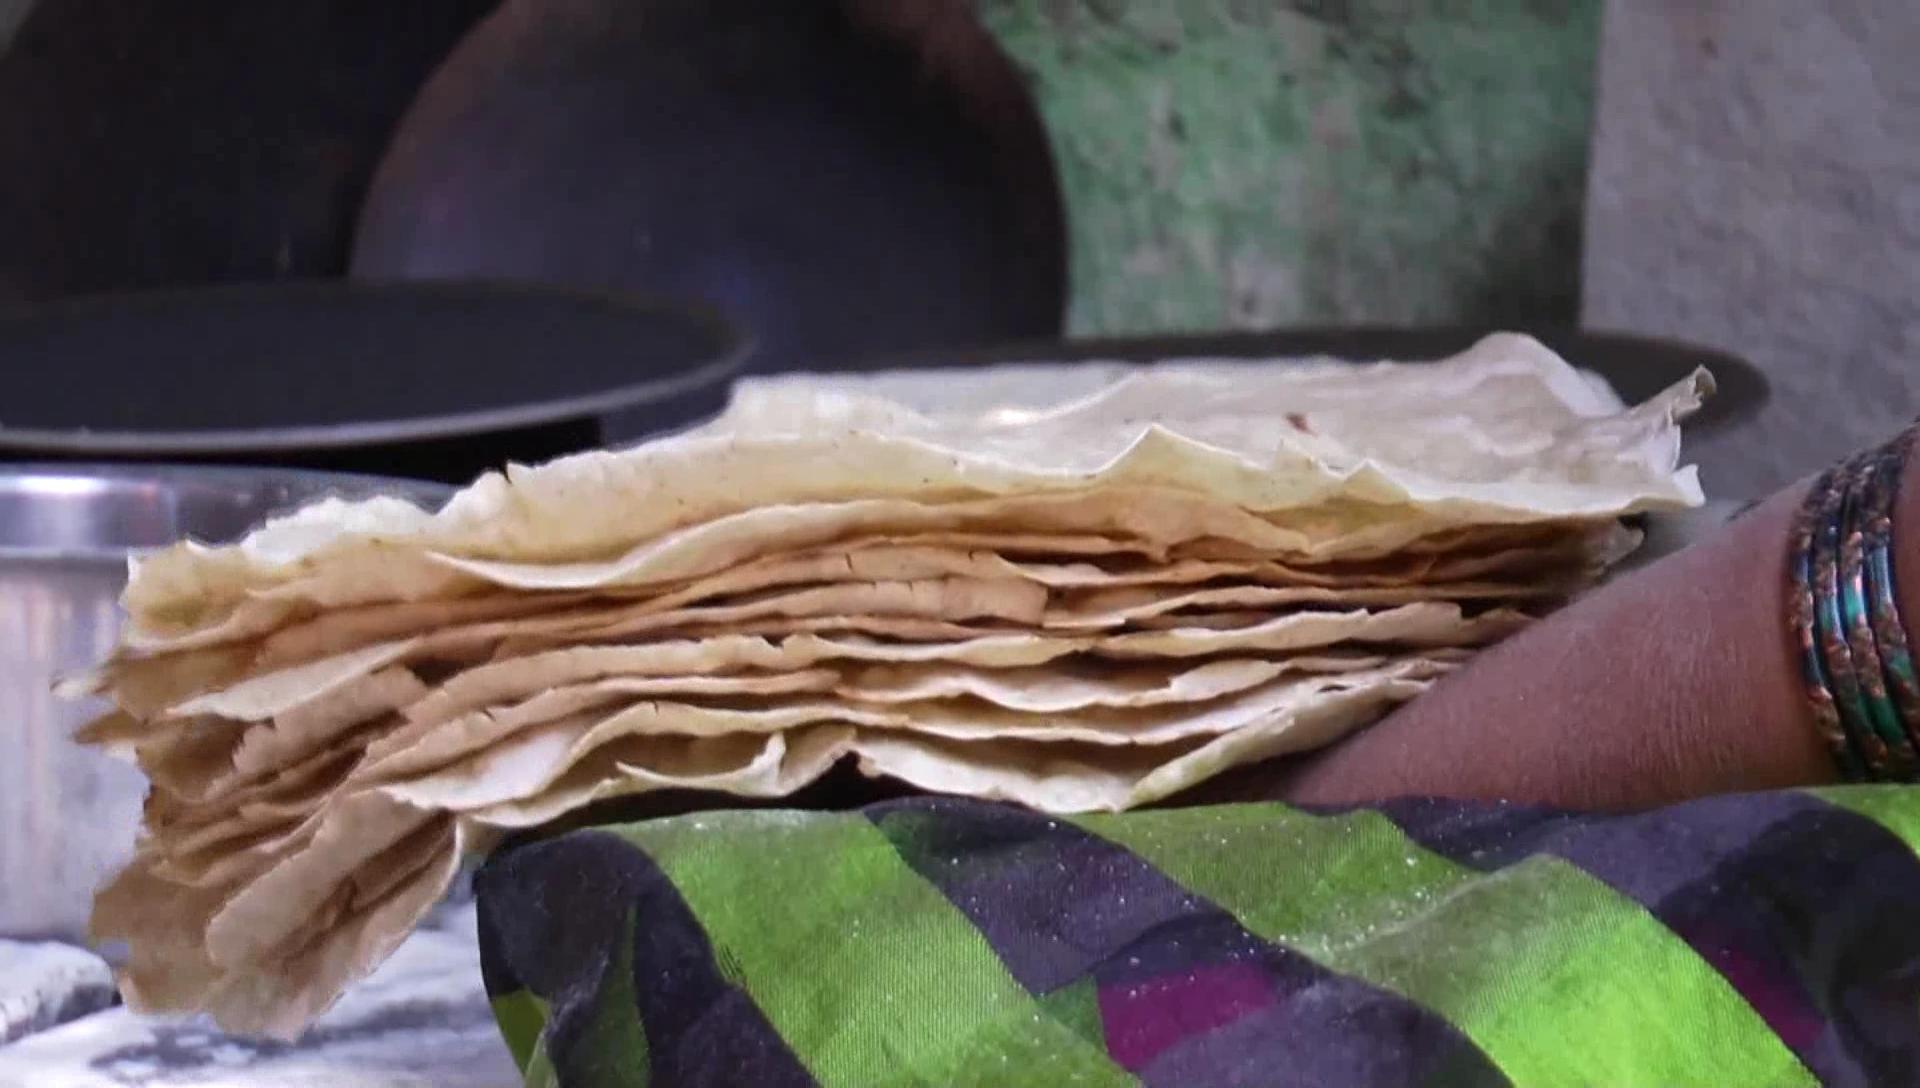 लक्ष्मीताईंनी ज्वारीपासून केक, बिस्किट, रवा इत्यादी गोष्टी बनविल्या असून त्याला बाजारातून चांगली मागणीसुद्धा मिळतेय.